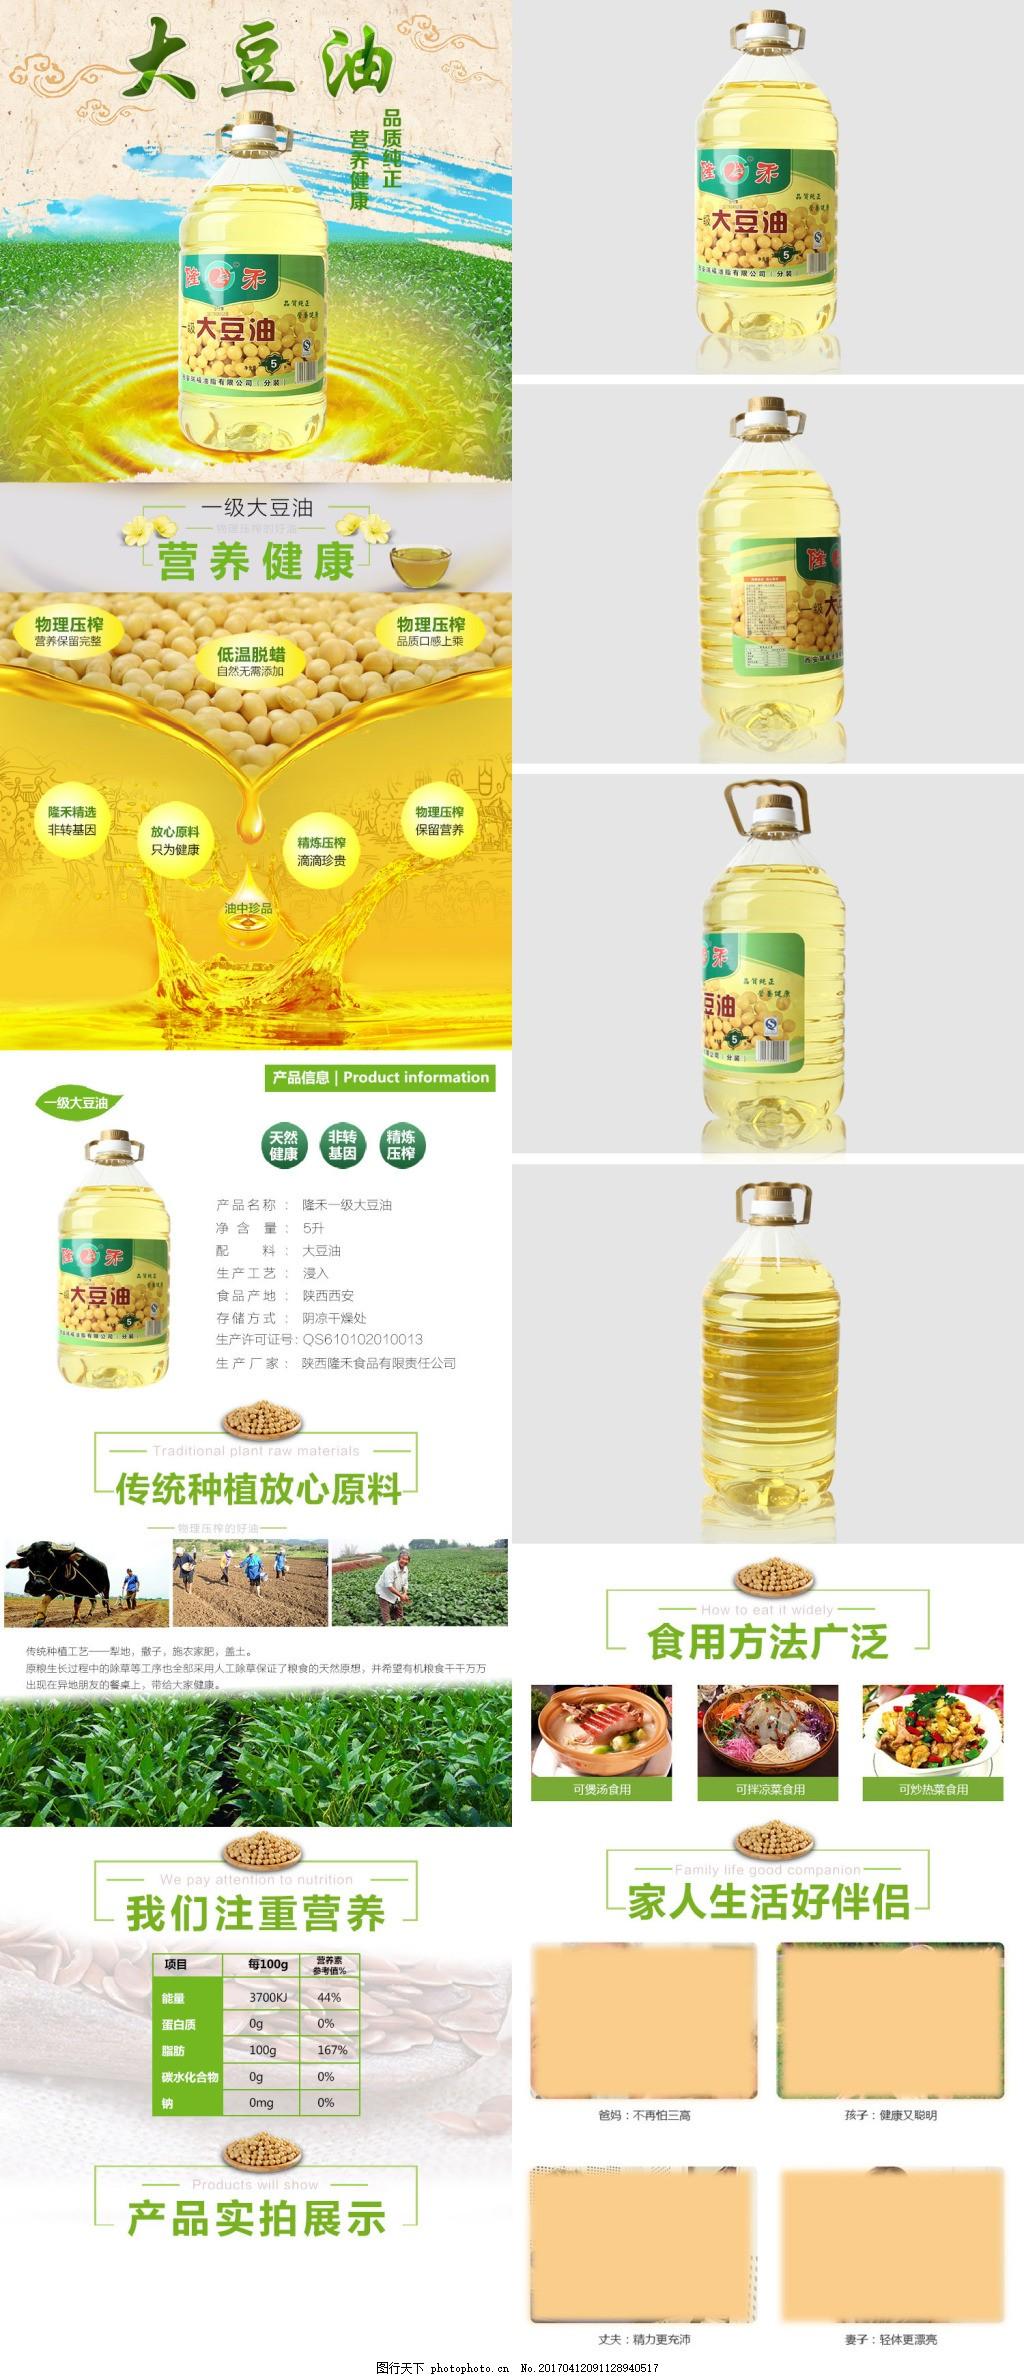 大豆油详情页 食用油 食用油详情 淘宝详情 淘宝设计 淘宝素材